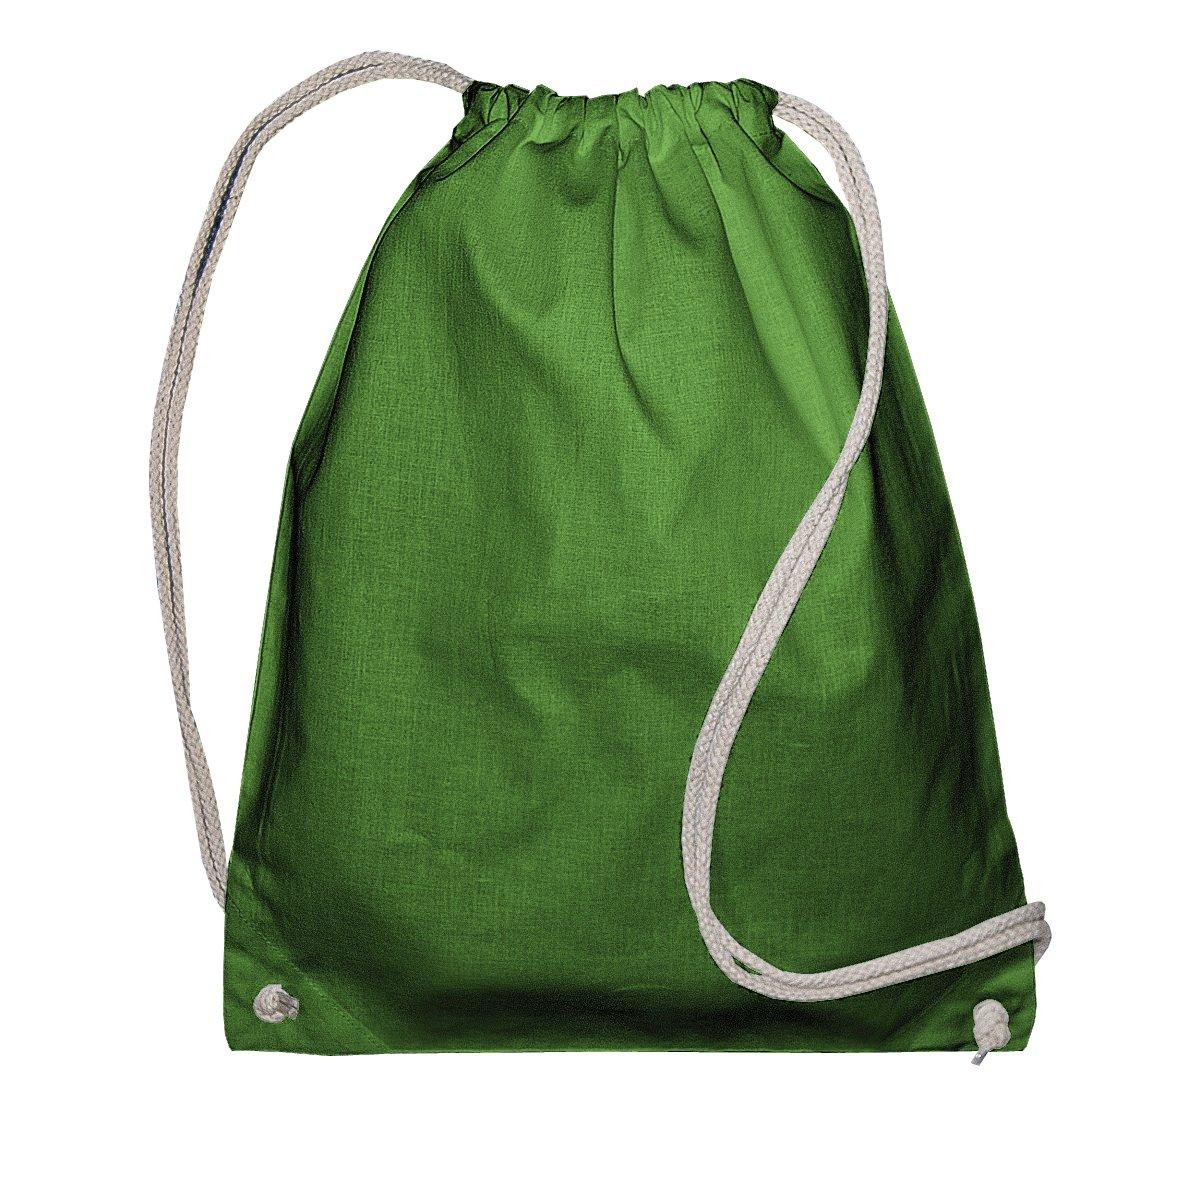 Deporte//Gimnasio Jassz Mochila//Bolsa saco o de cuerdas lisa Modelo Drawstring